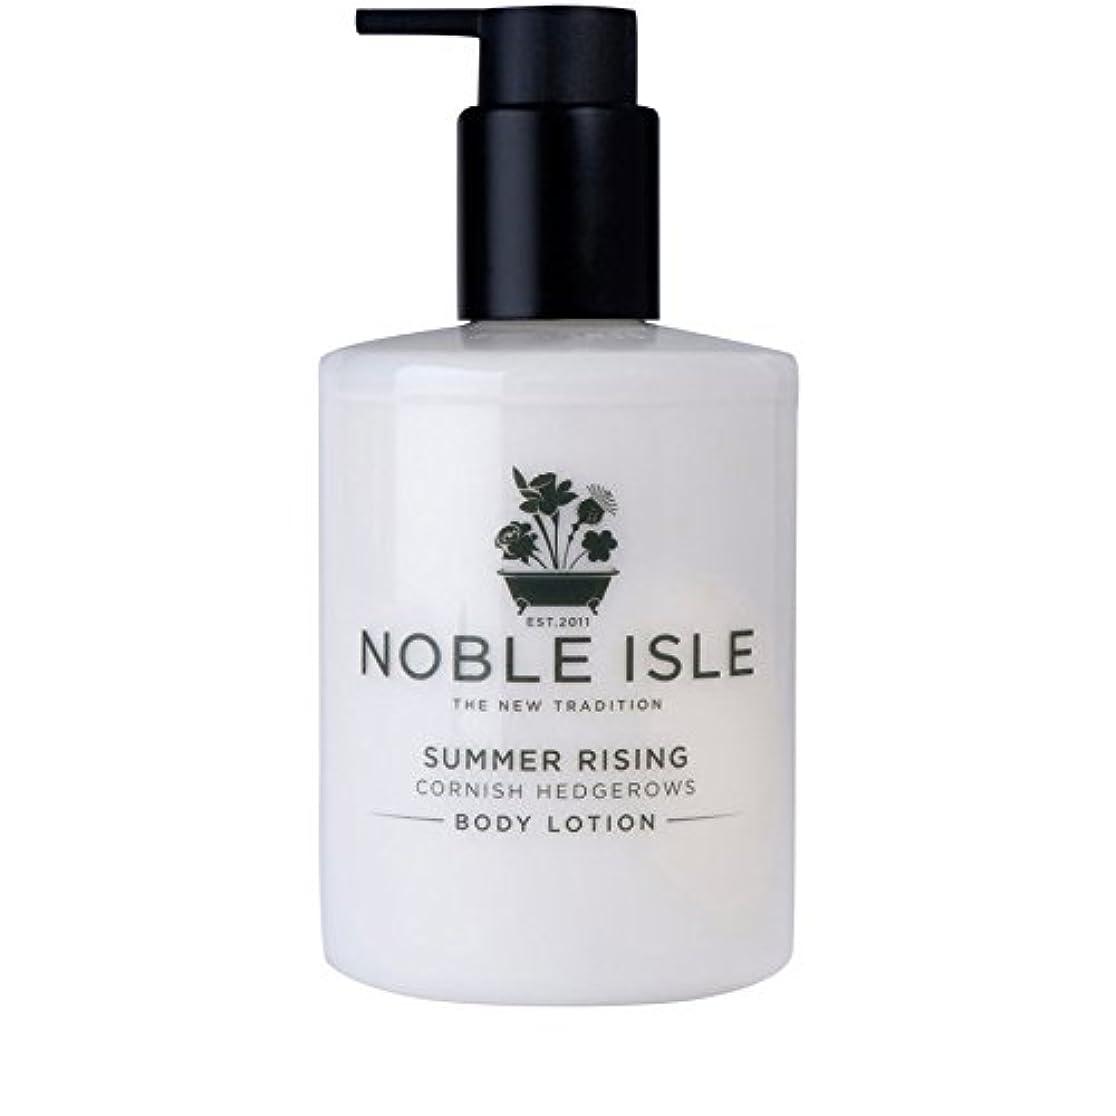 ステップ北東皮Noble Isle Summer Rising Cornish Hedgerows Body Lotion 250ml - コーニッシュ生け垣ボディローション250ミリリットルを上昇高貴な島の夏 [並行輸入品]